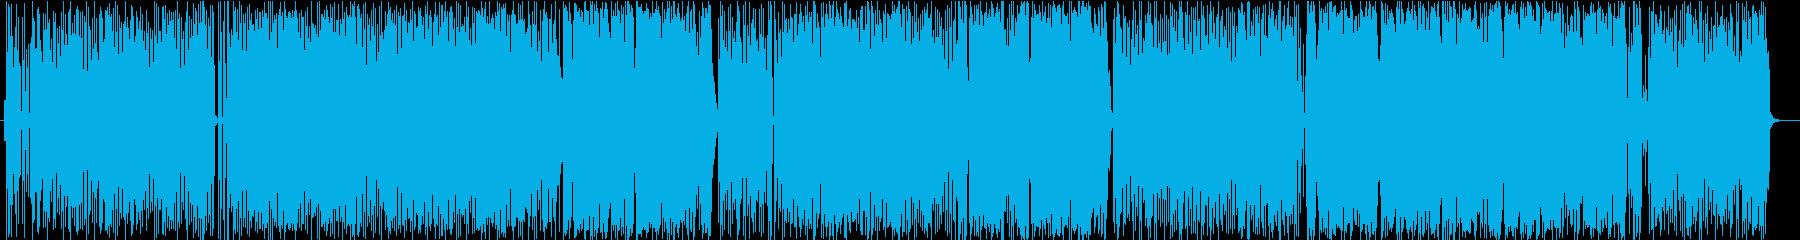 熱帯夜をイメージしたソウルナンバーの再生済みの波形